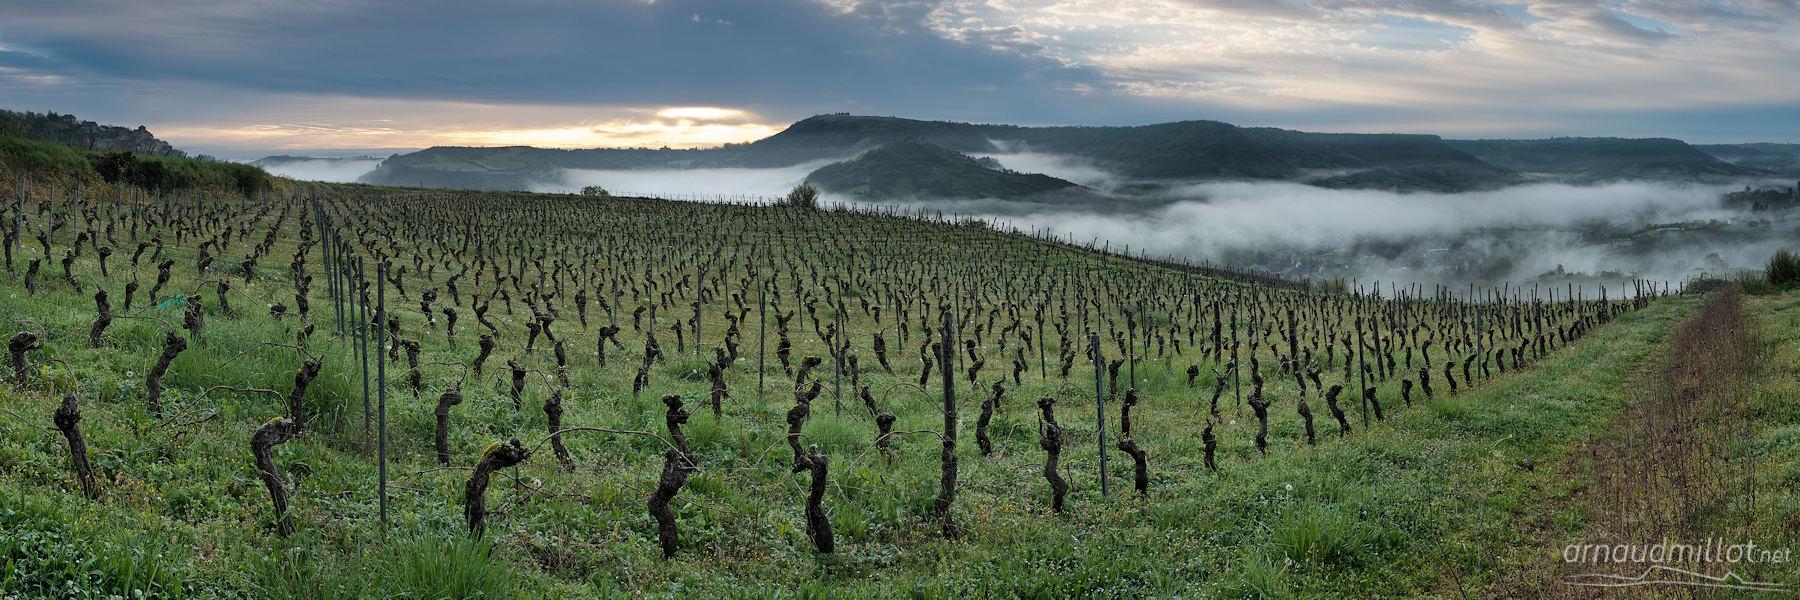 Vignes entre le Cros et Cassagnes, Bruéjouls, Aveyron, Avril